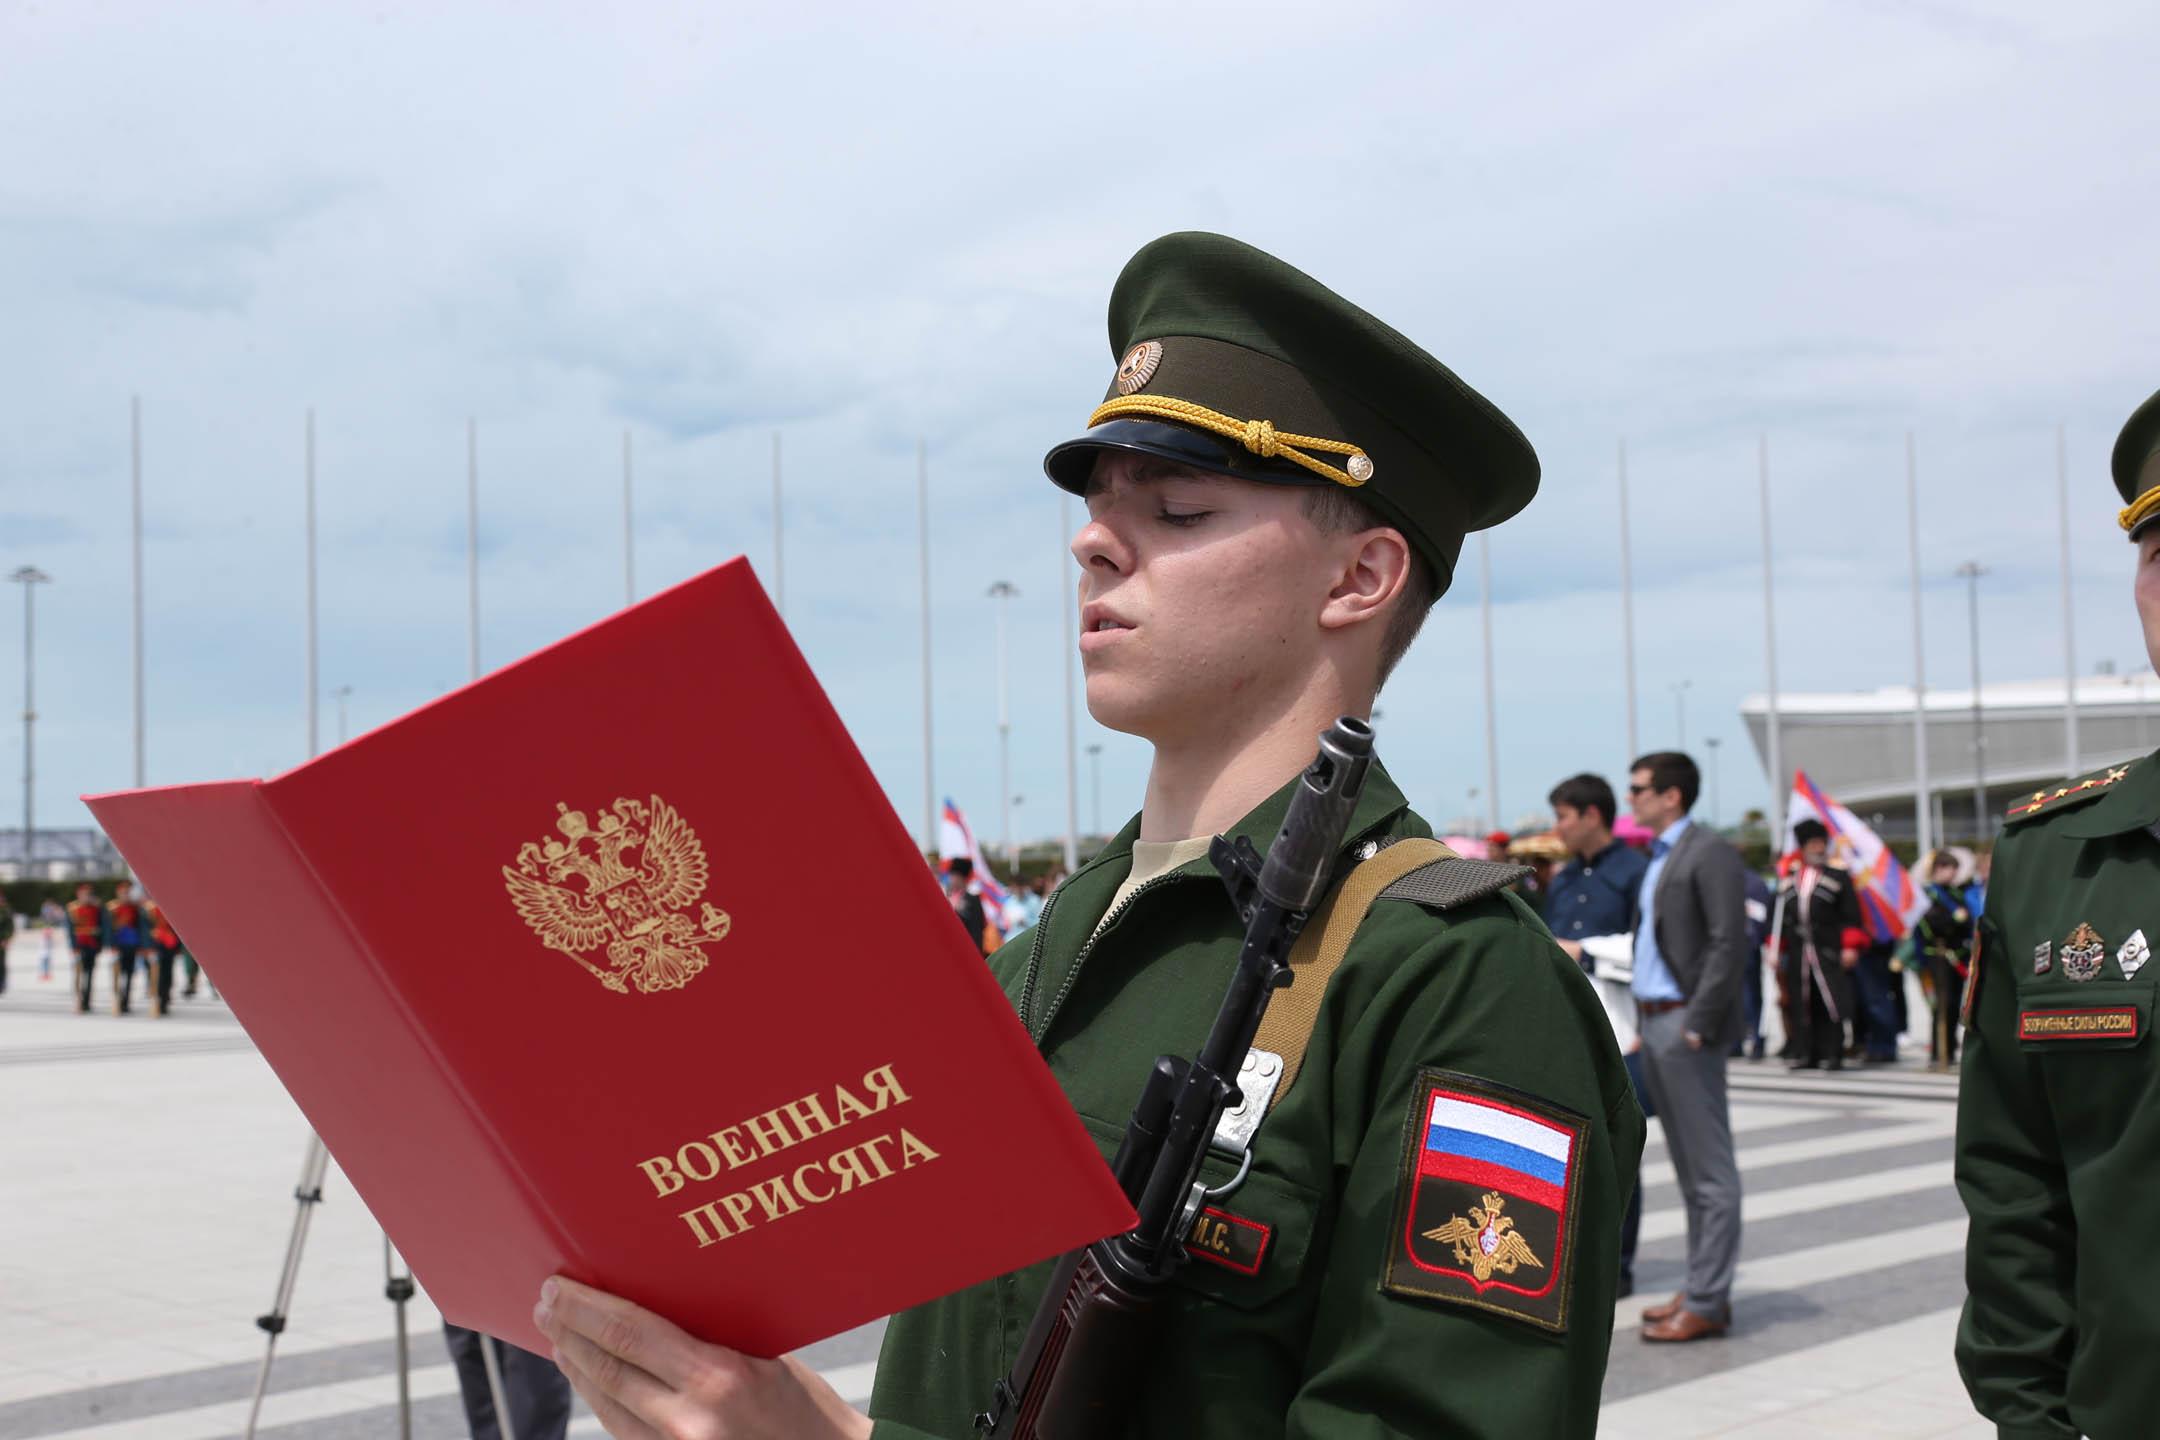 Военная присяга ритуал принятия текст военной присяги   призывник солдат